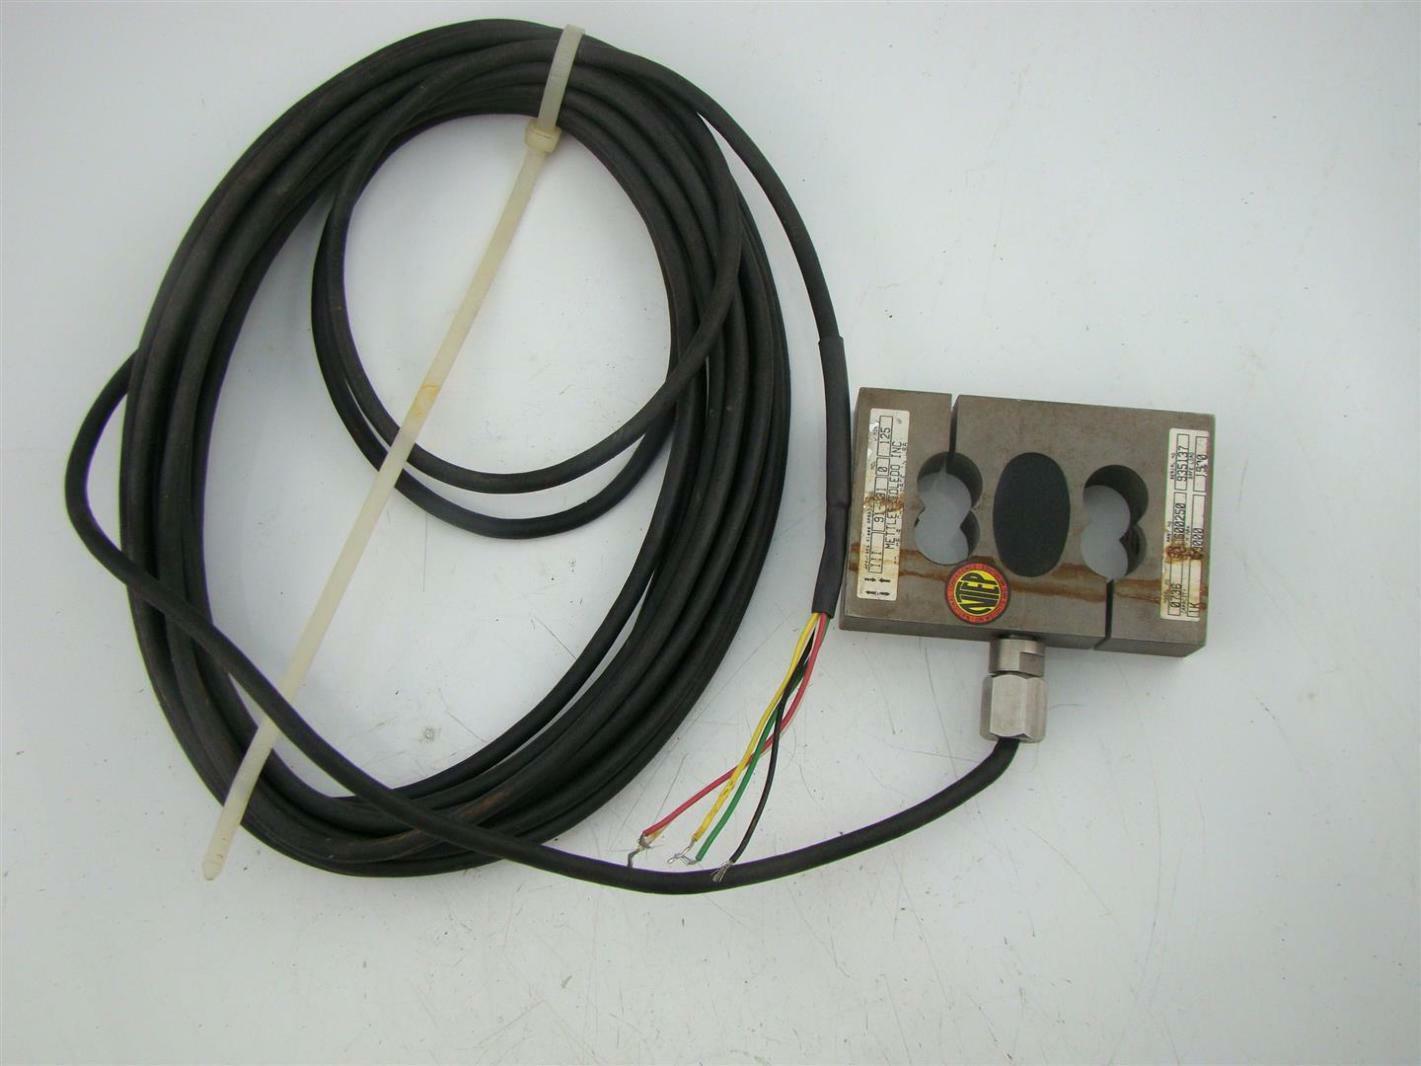 Mettler Toledo Transducer 0736 Ebay Load Cell Wiring